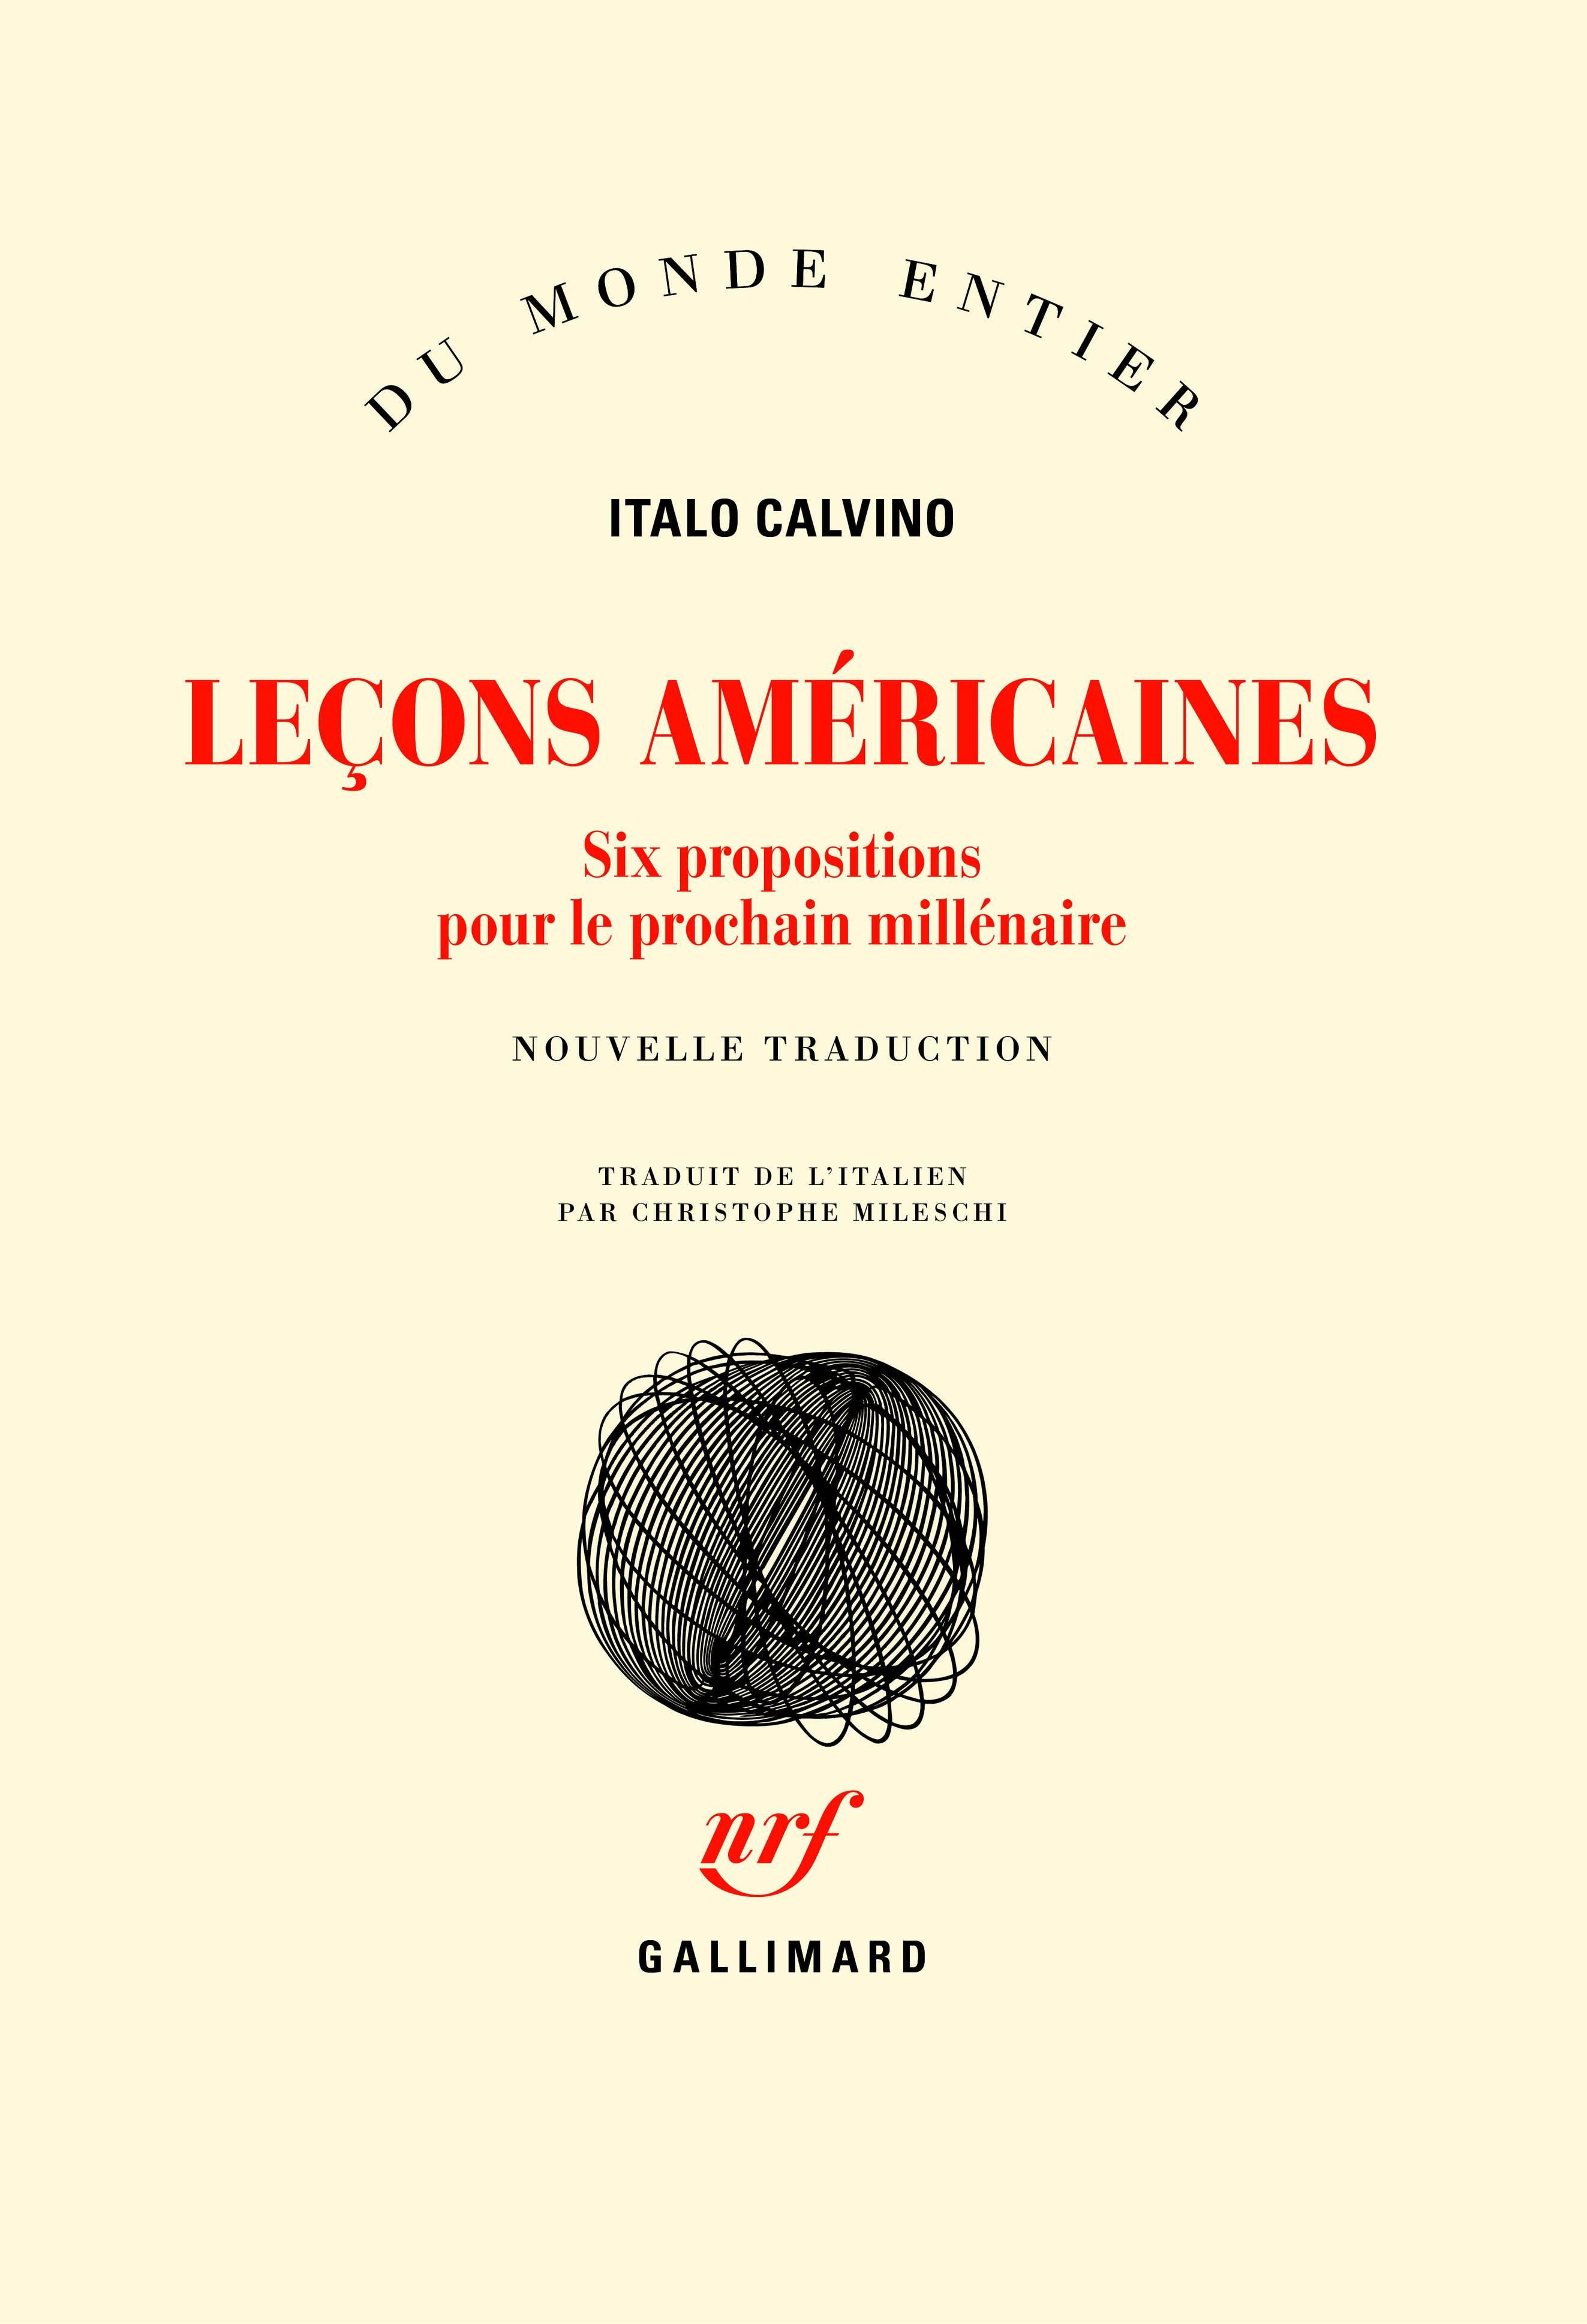 Leçons américaines. Six propositions pour le prochain millénaire | Calvino, Italo